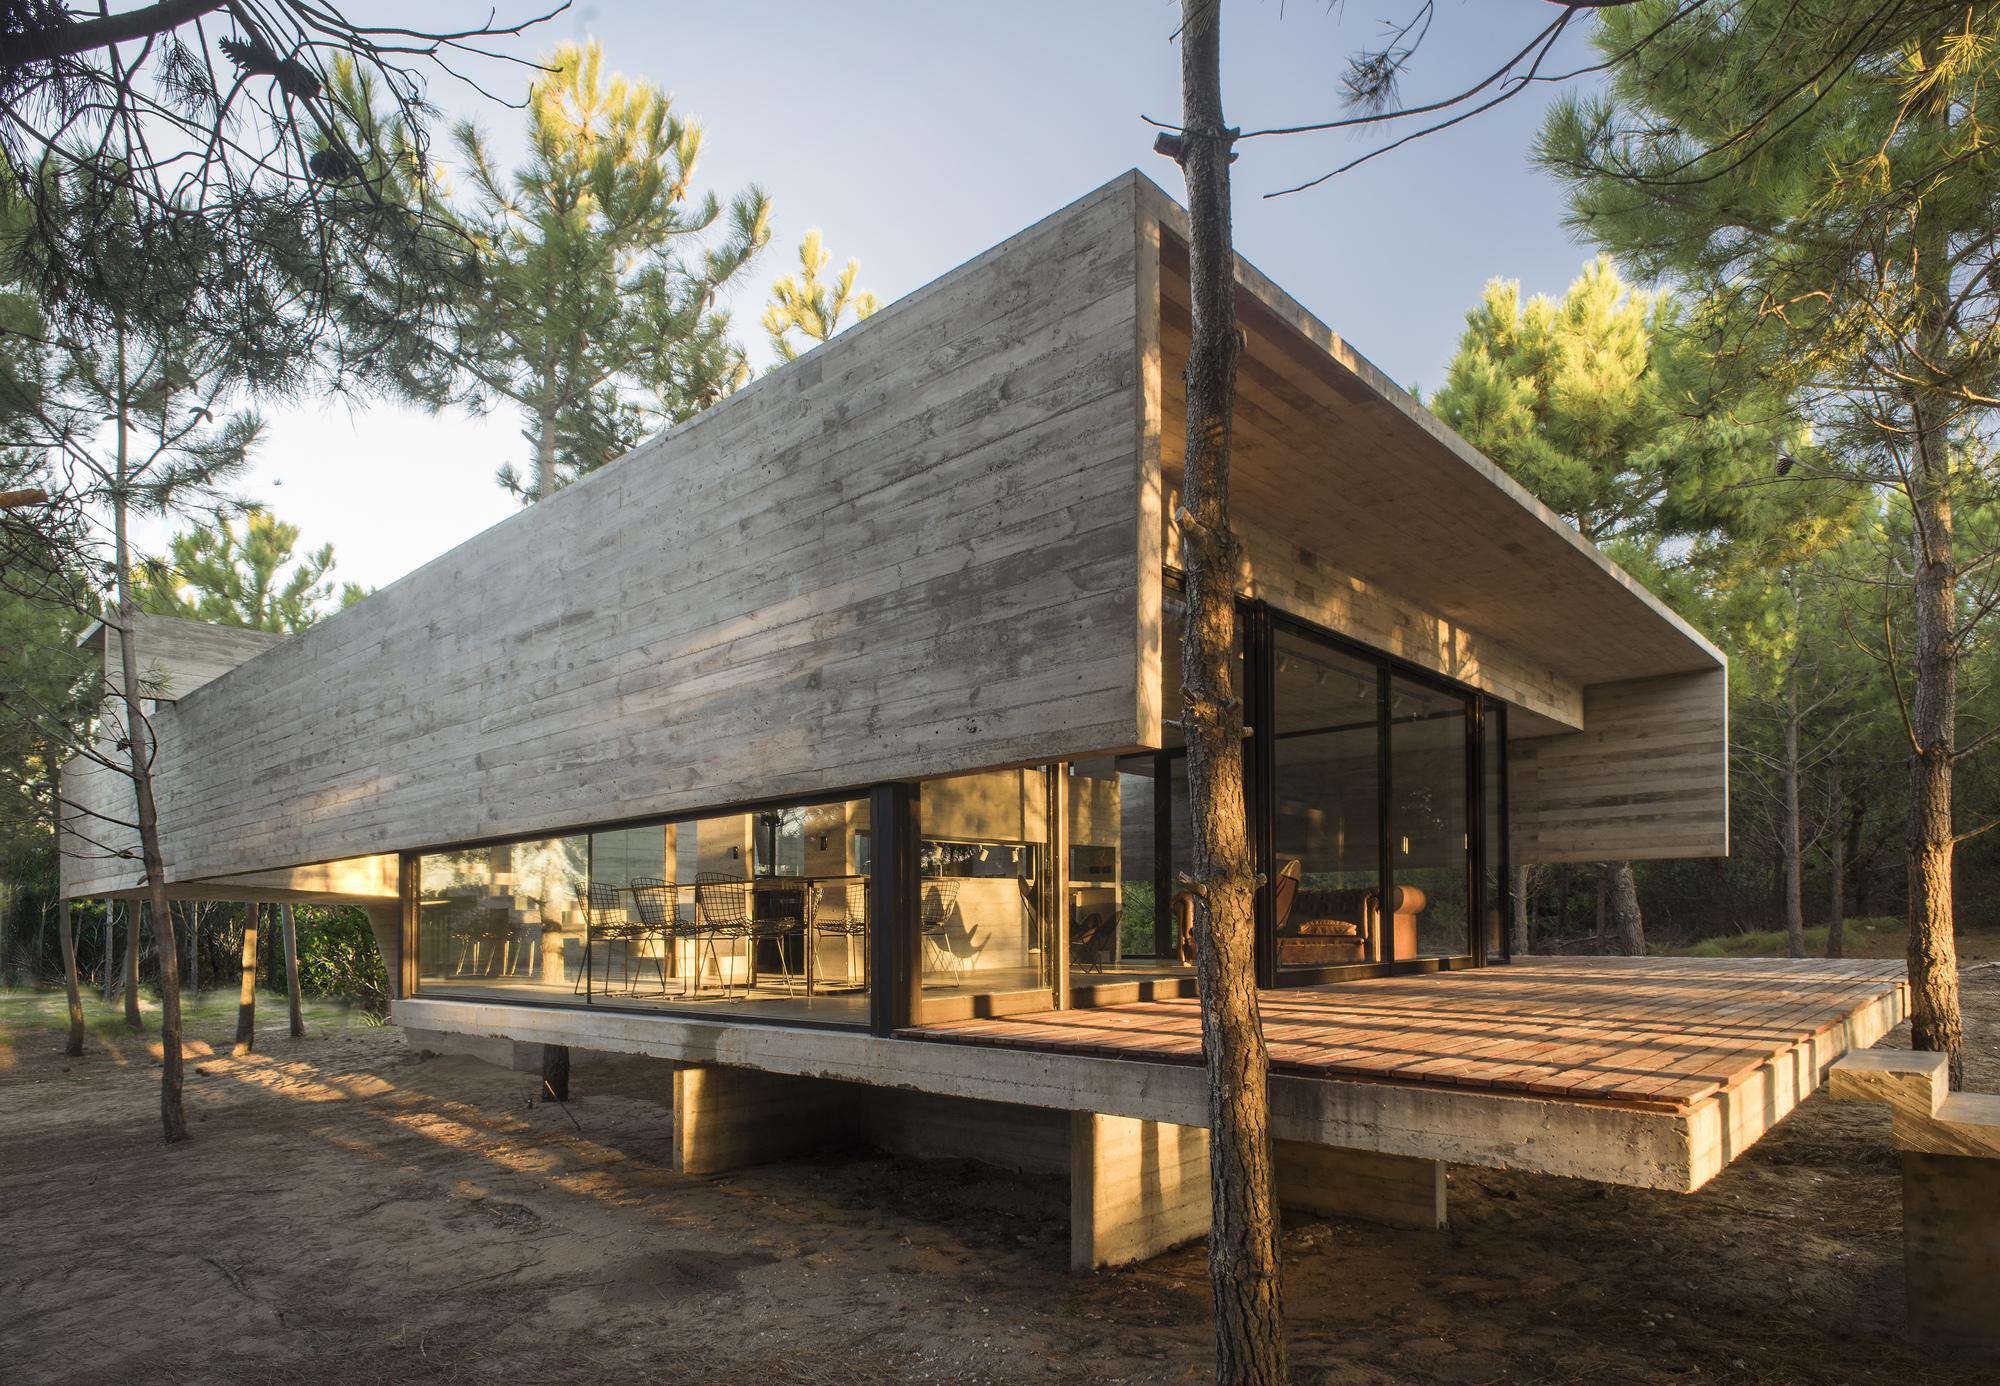 Galer a de casa s j luciano kruk 2 for Construction maison minimaliste